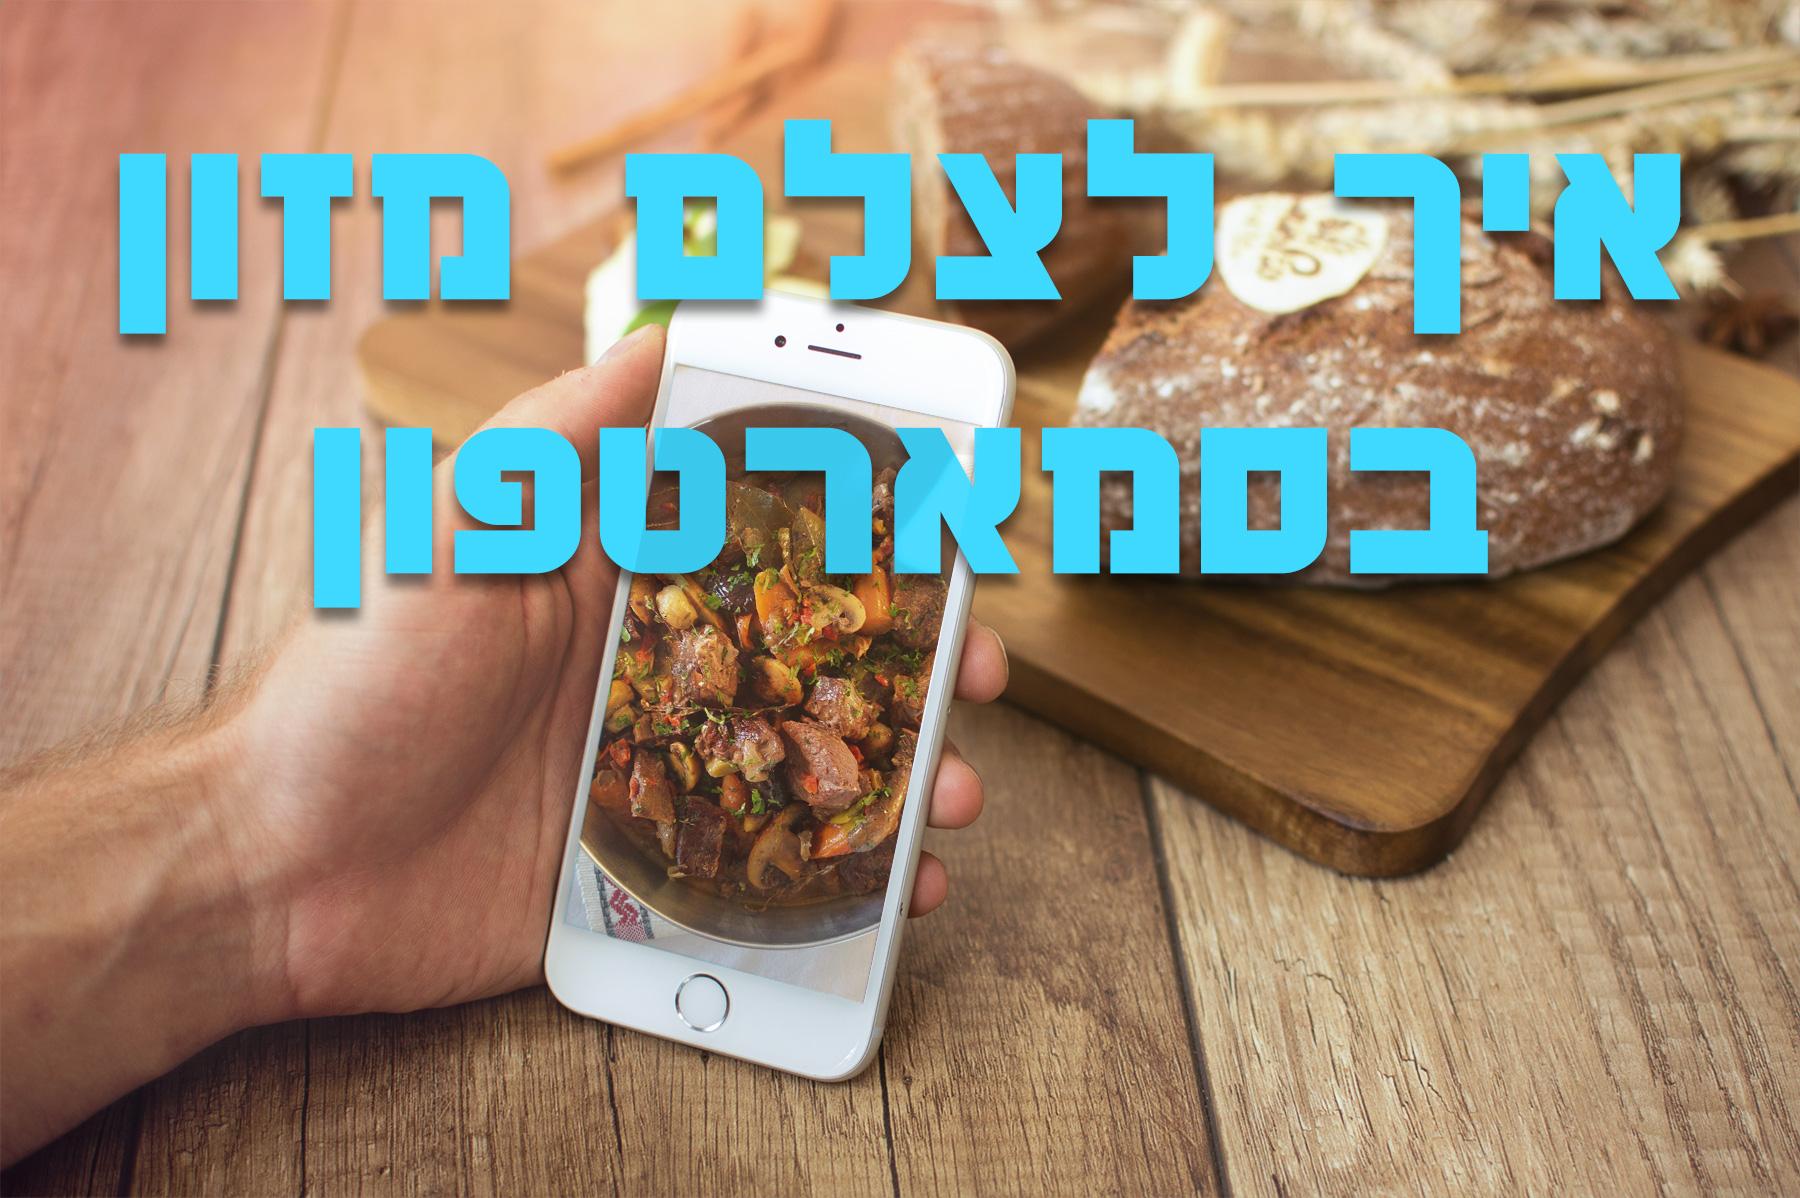 איך לצלם מזון בסמארטפון בצורה הטובה ביותר עם הטיפים לתמונות מוצלחות